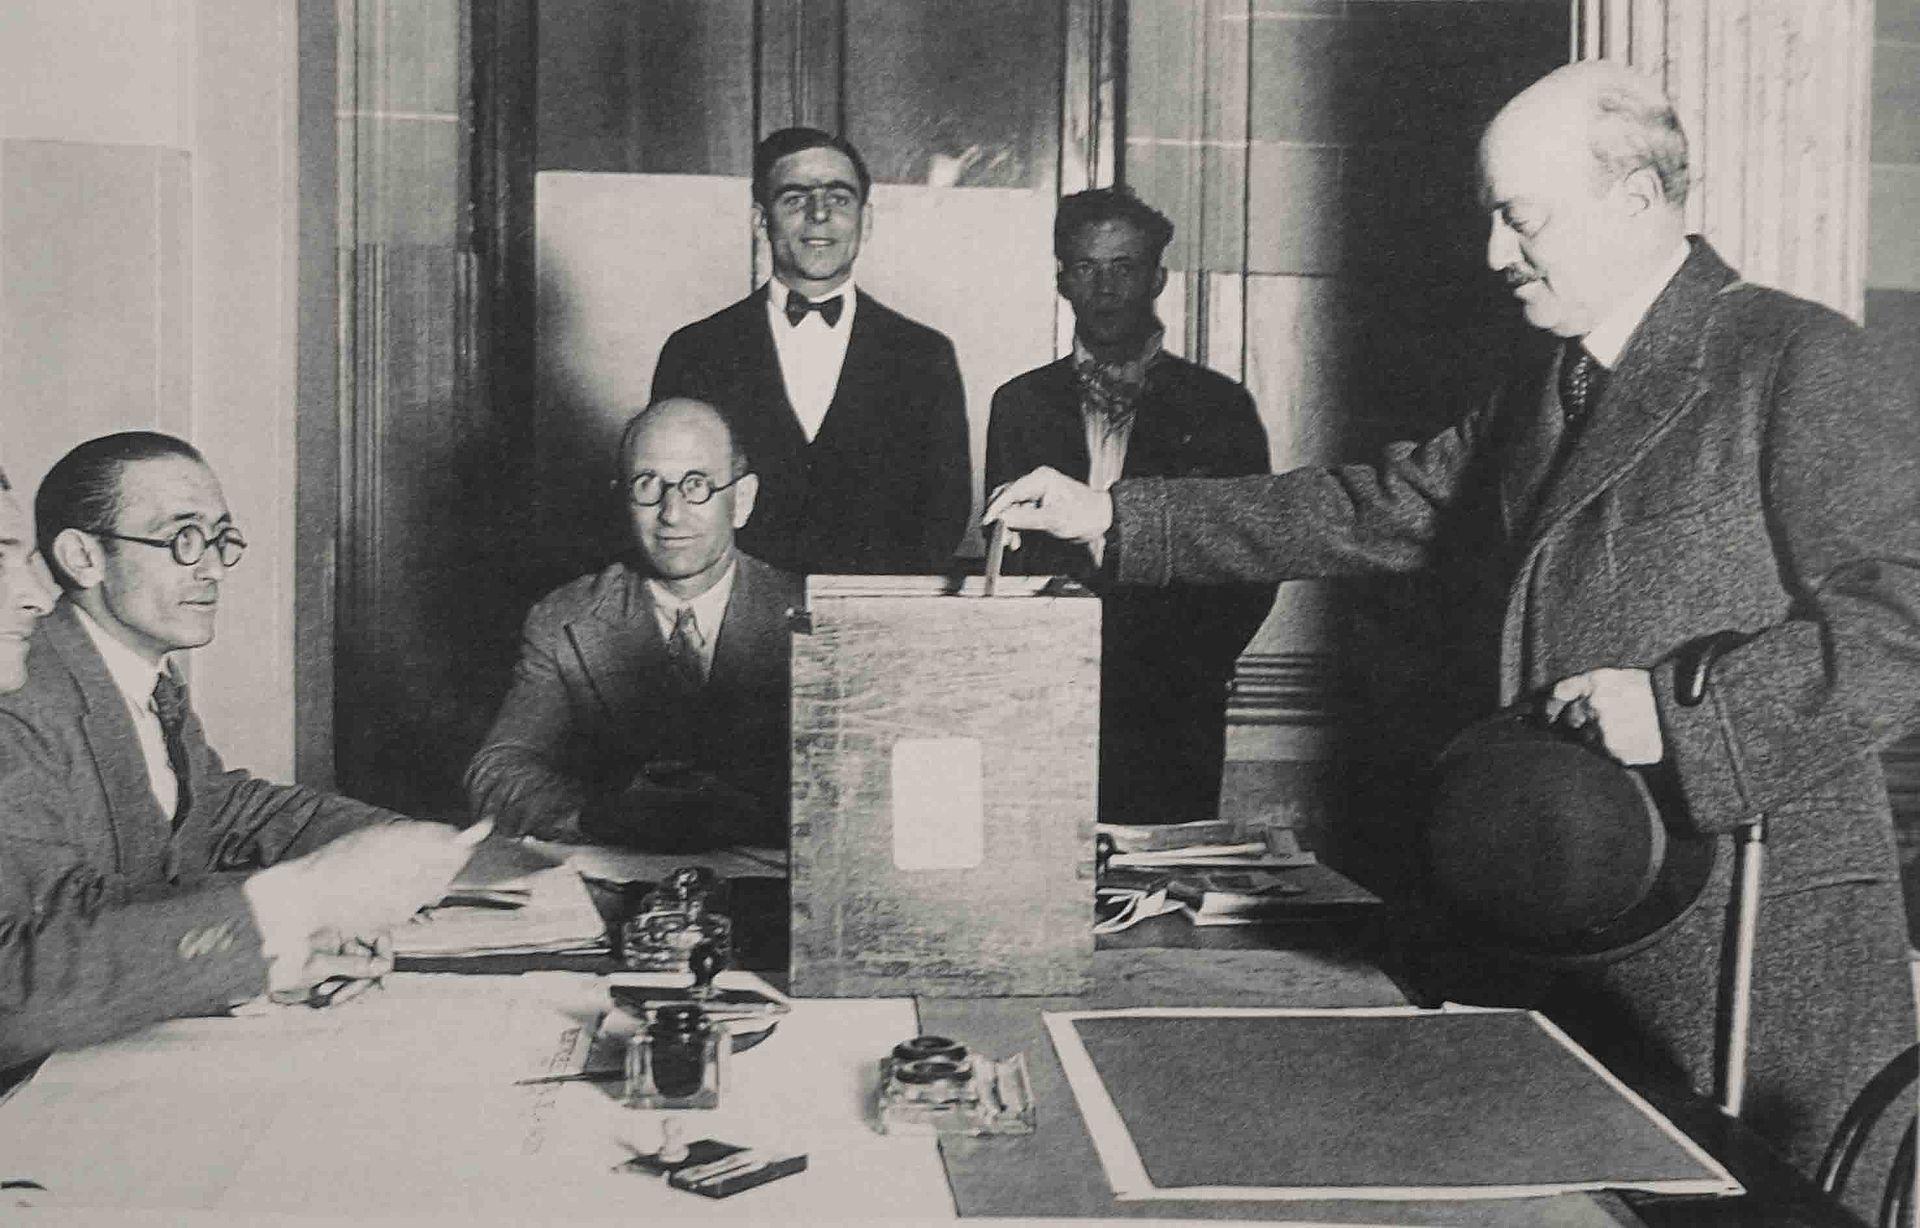 Elecciones presidenciales de Argentina de 1931 - Wikipedia, la enciclopedia libre